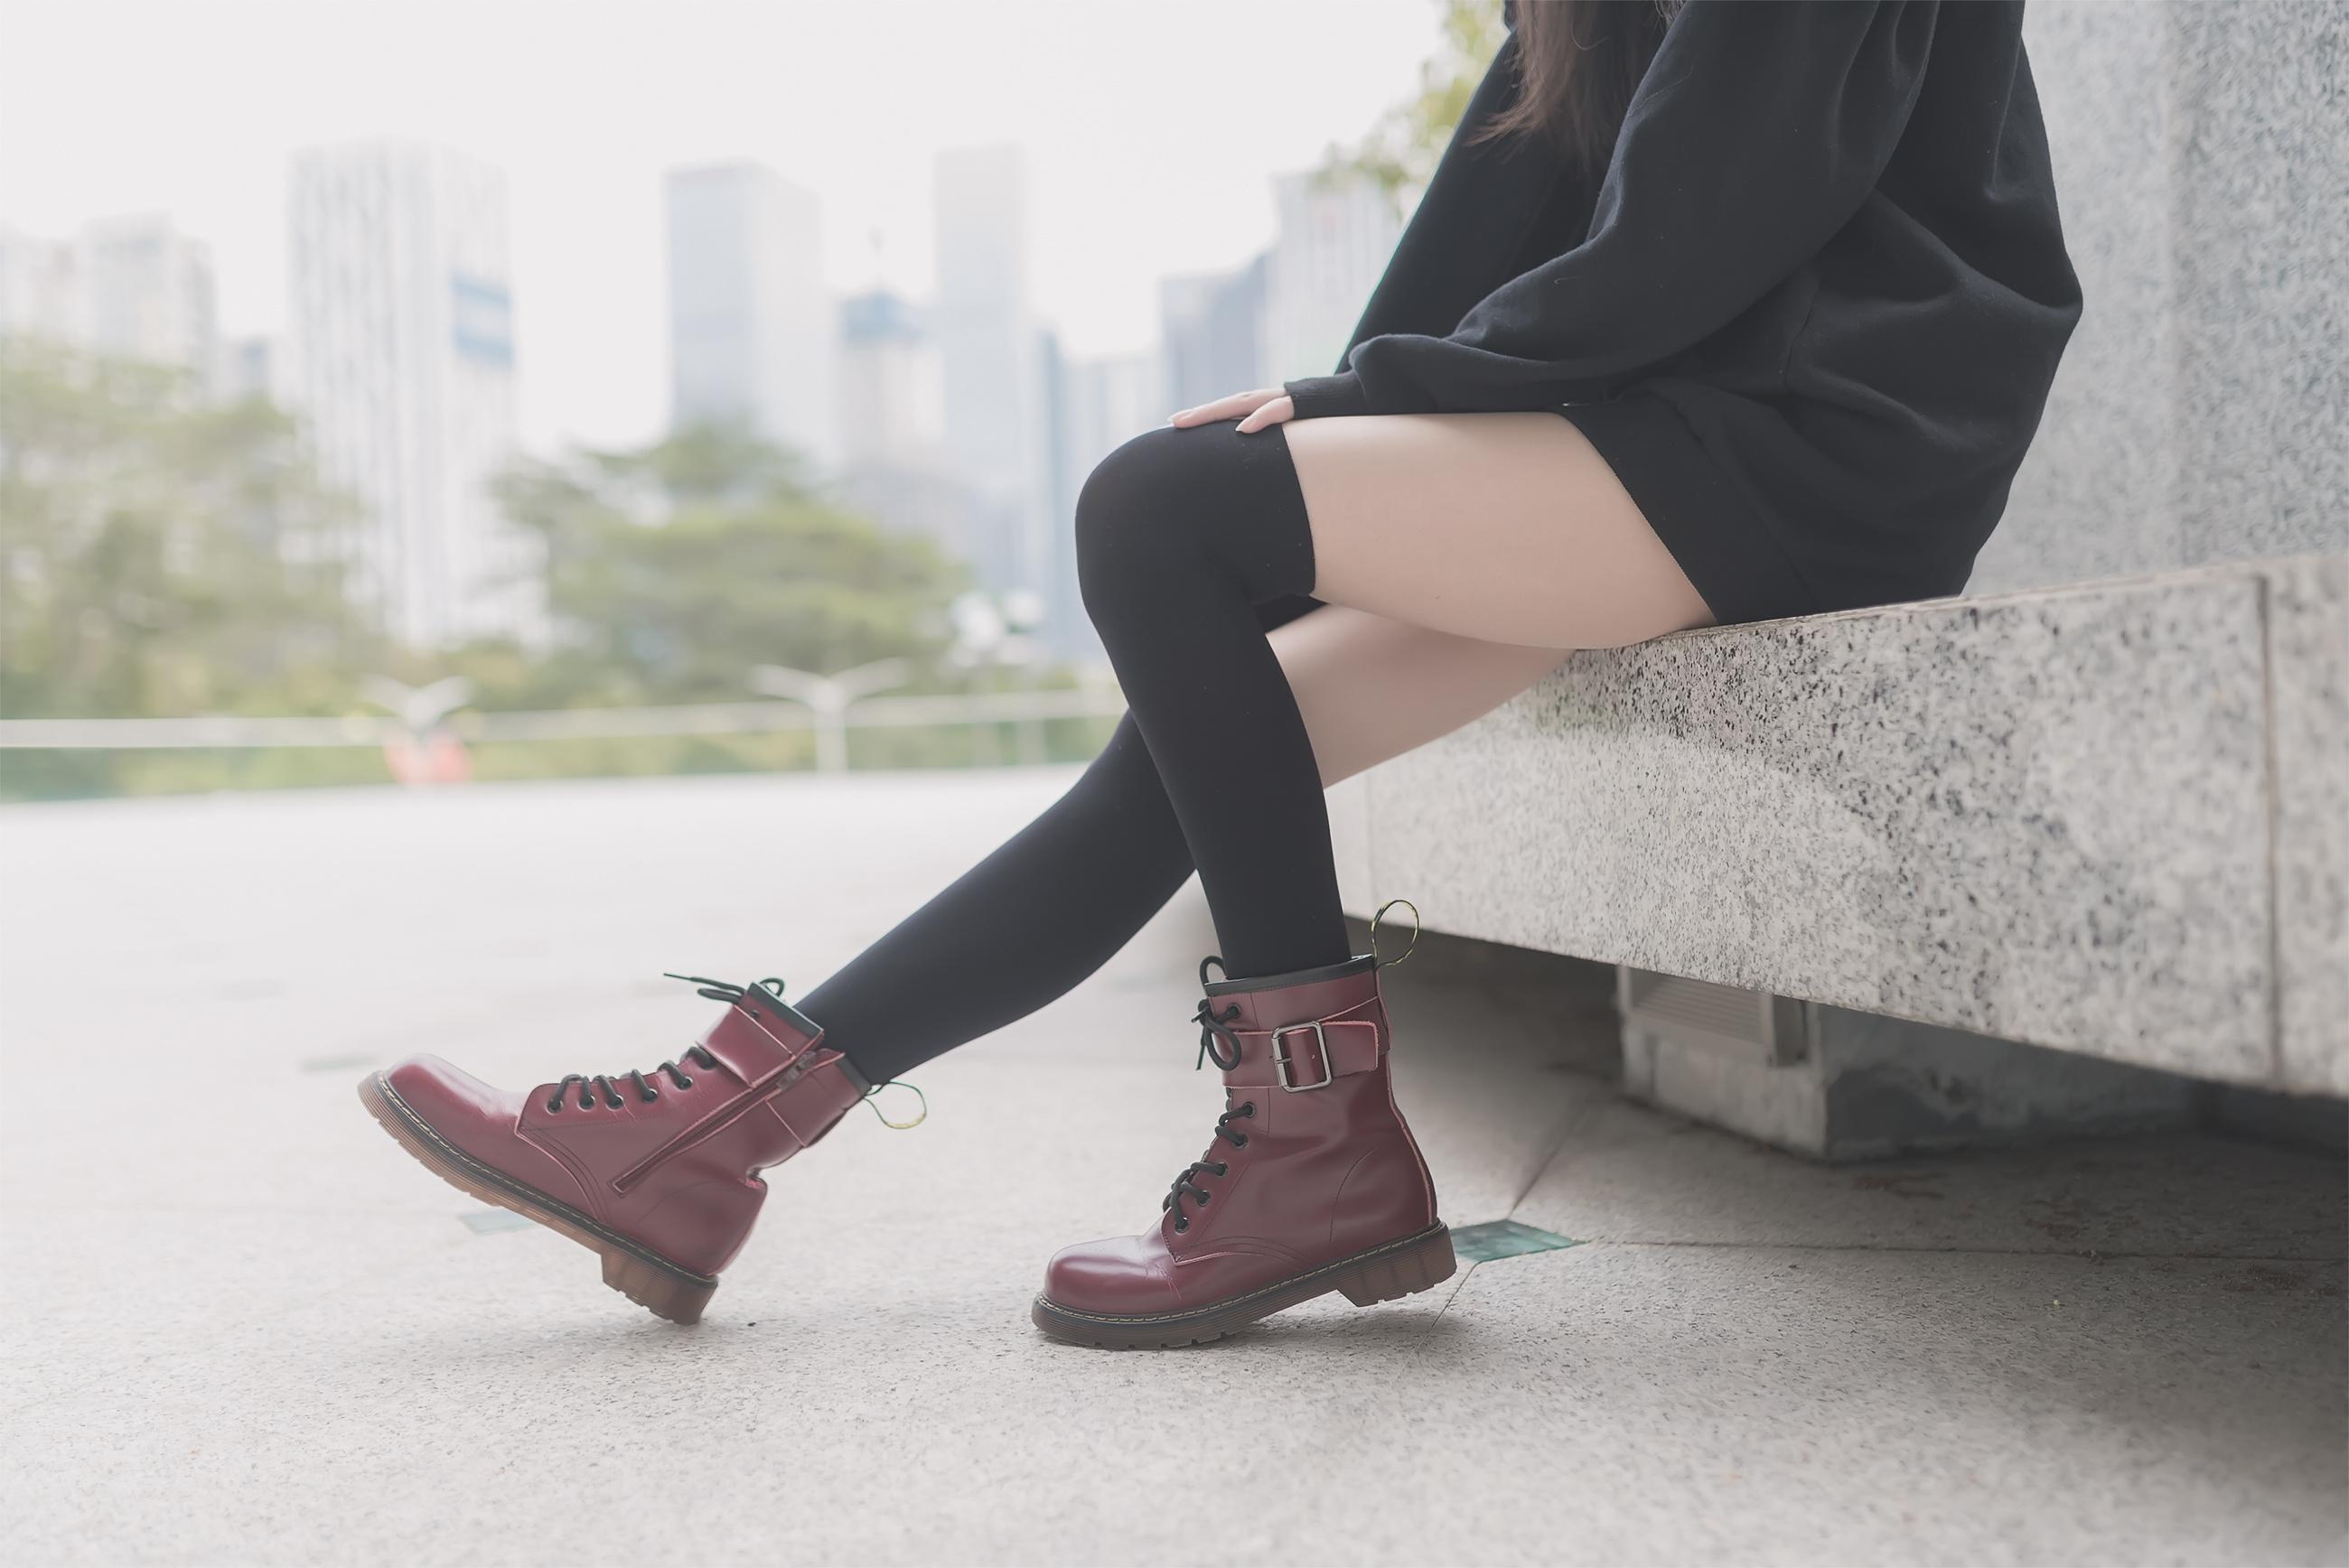 大长腿美女 腿玩年系列 黑丝美腿 吊带袜美脚